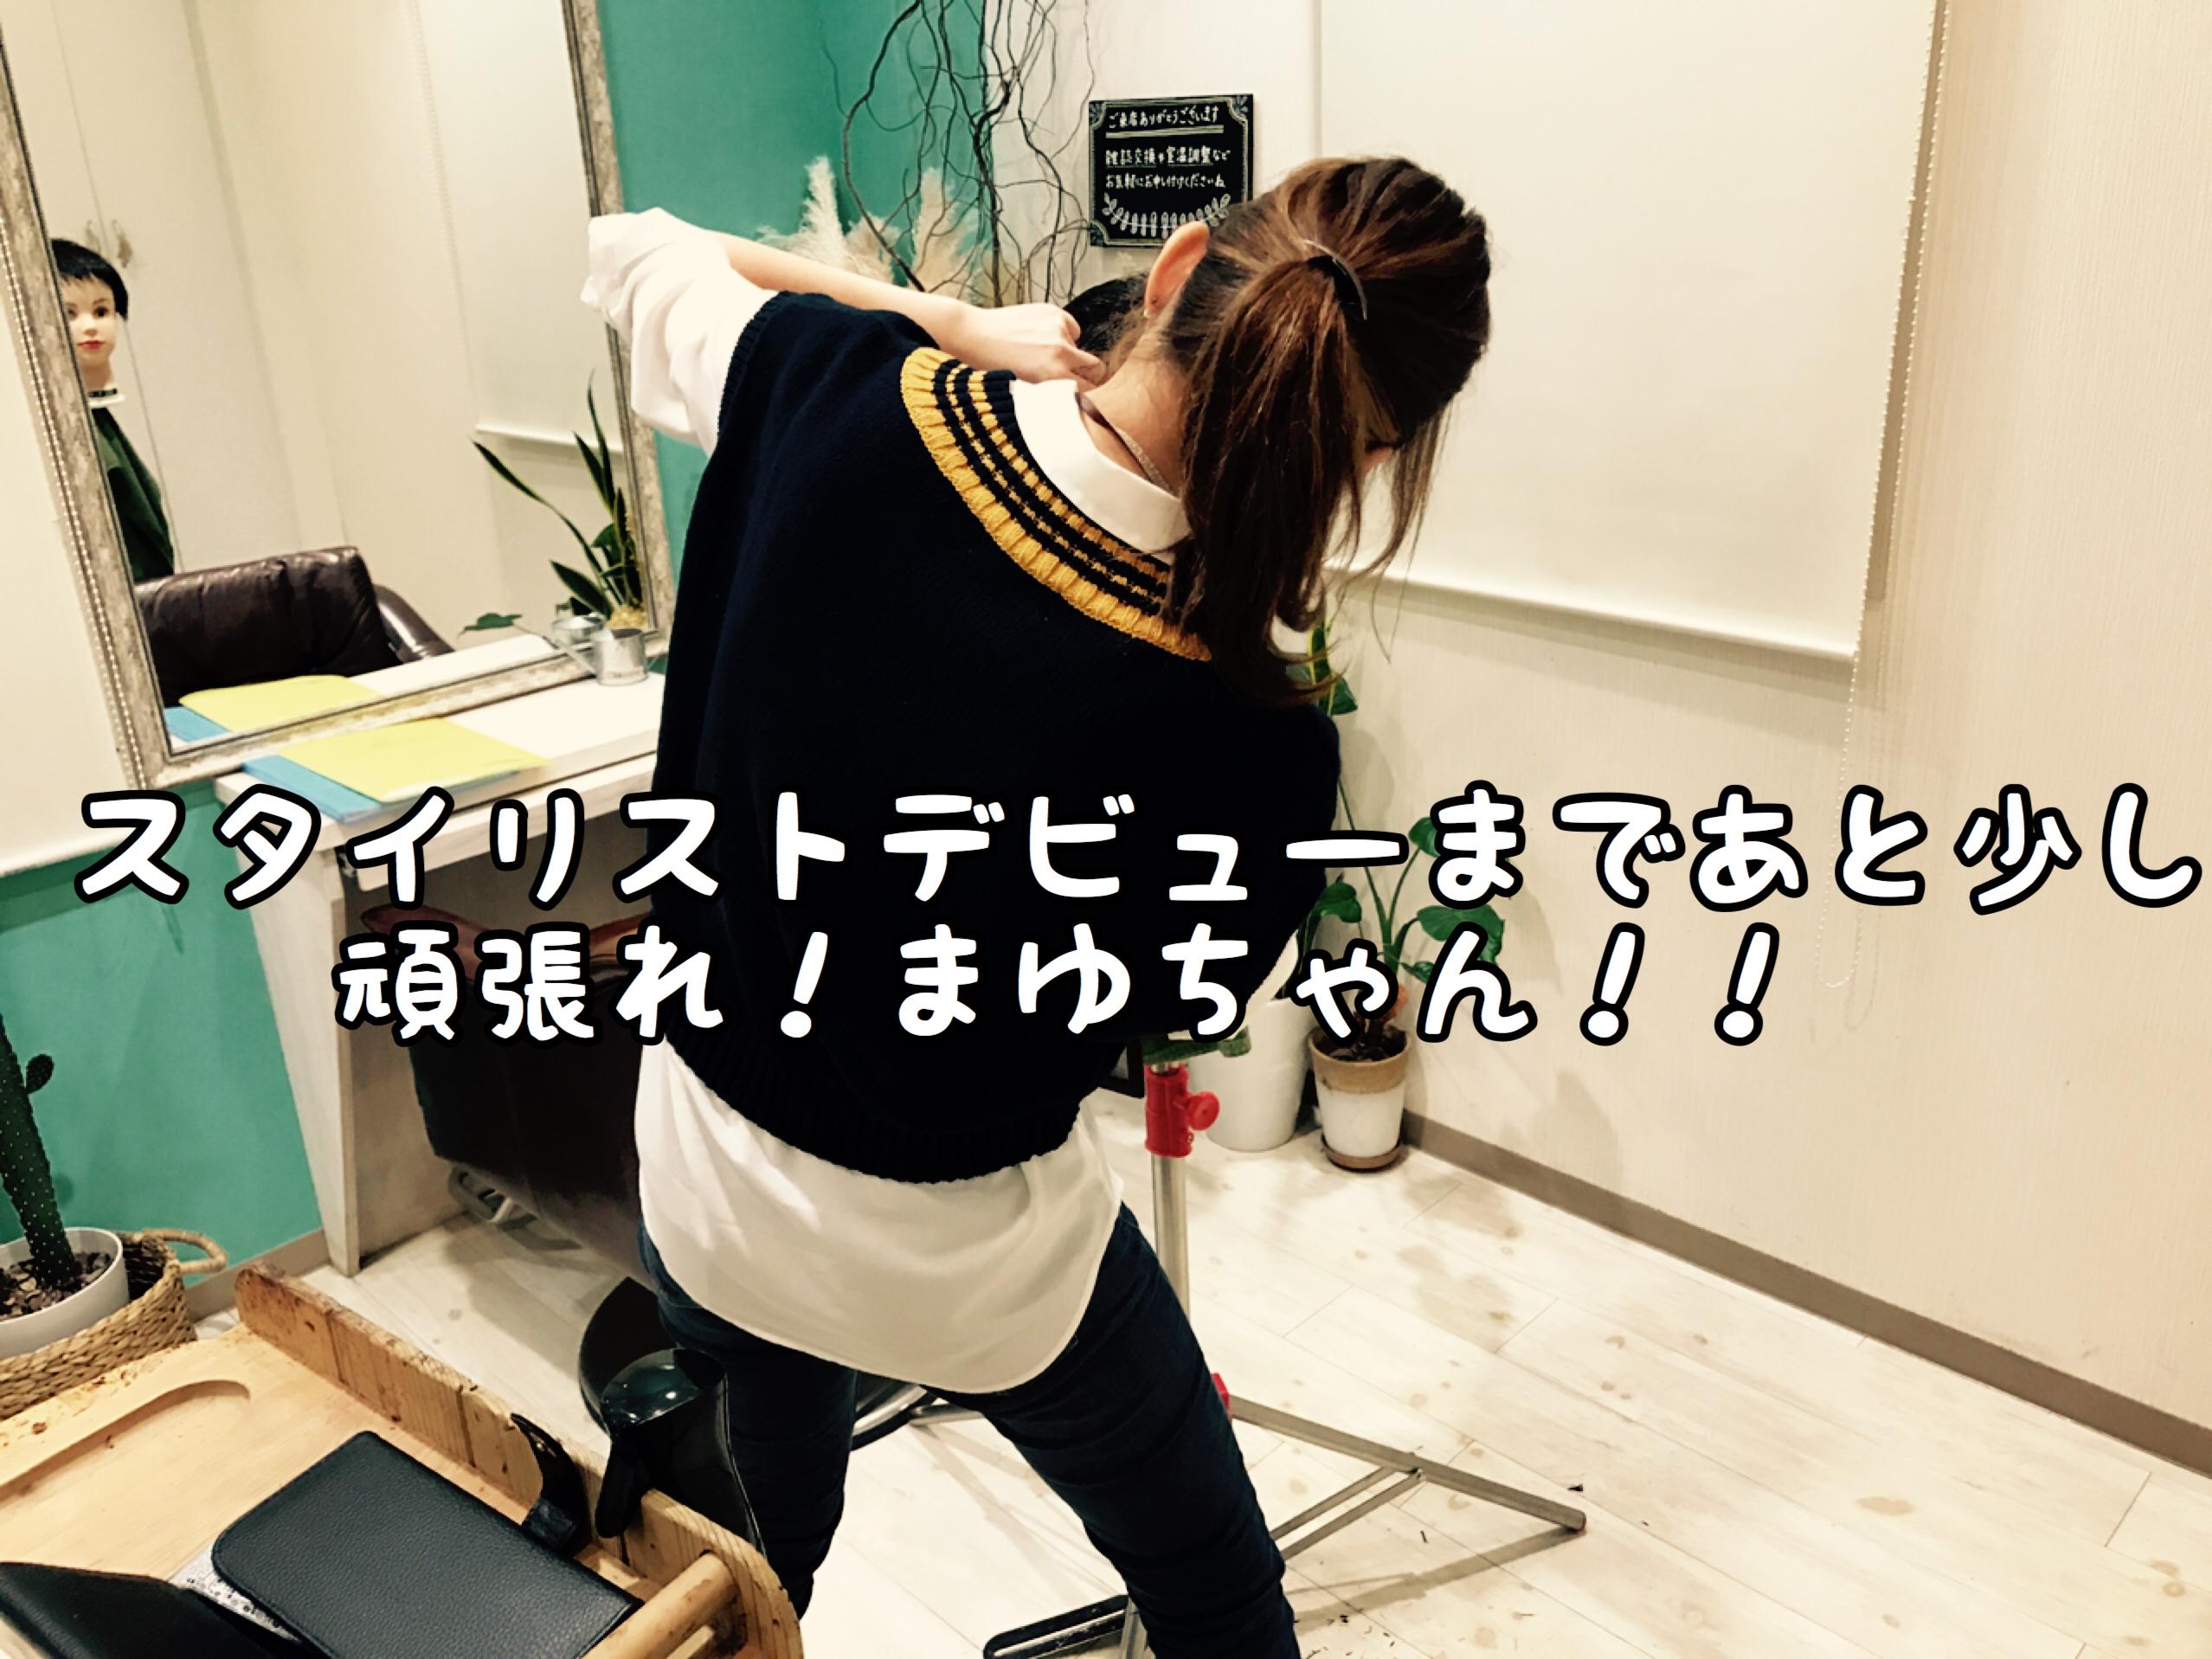 【応援】スタイリストデビューに向けて追い込みをかけて練習中です!